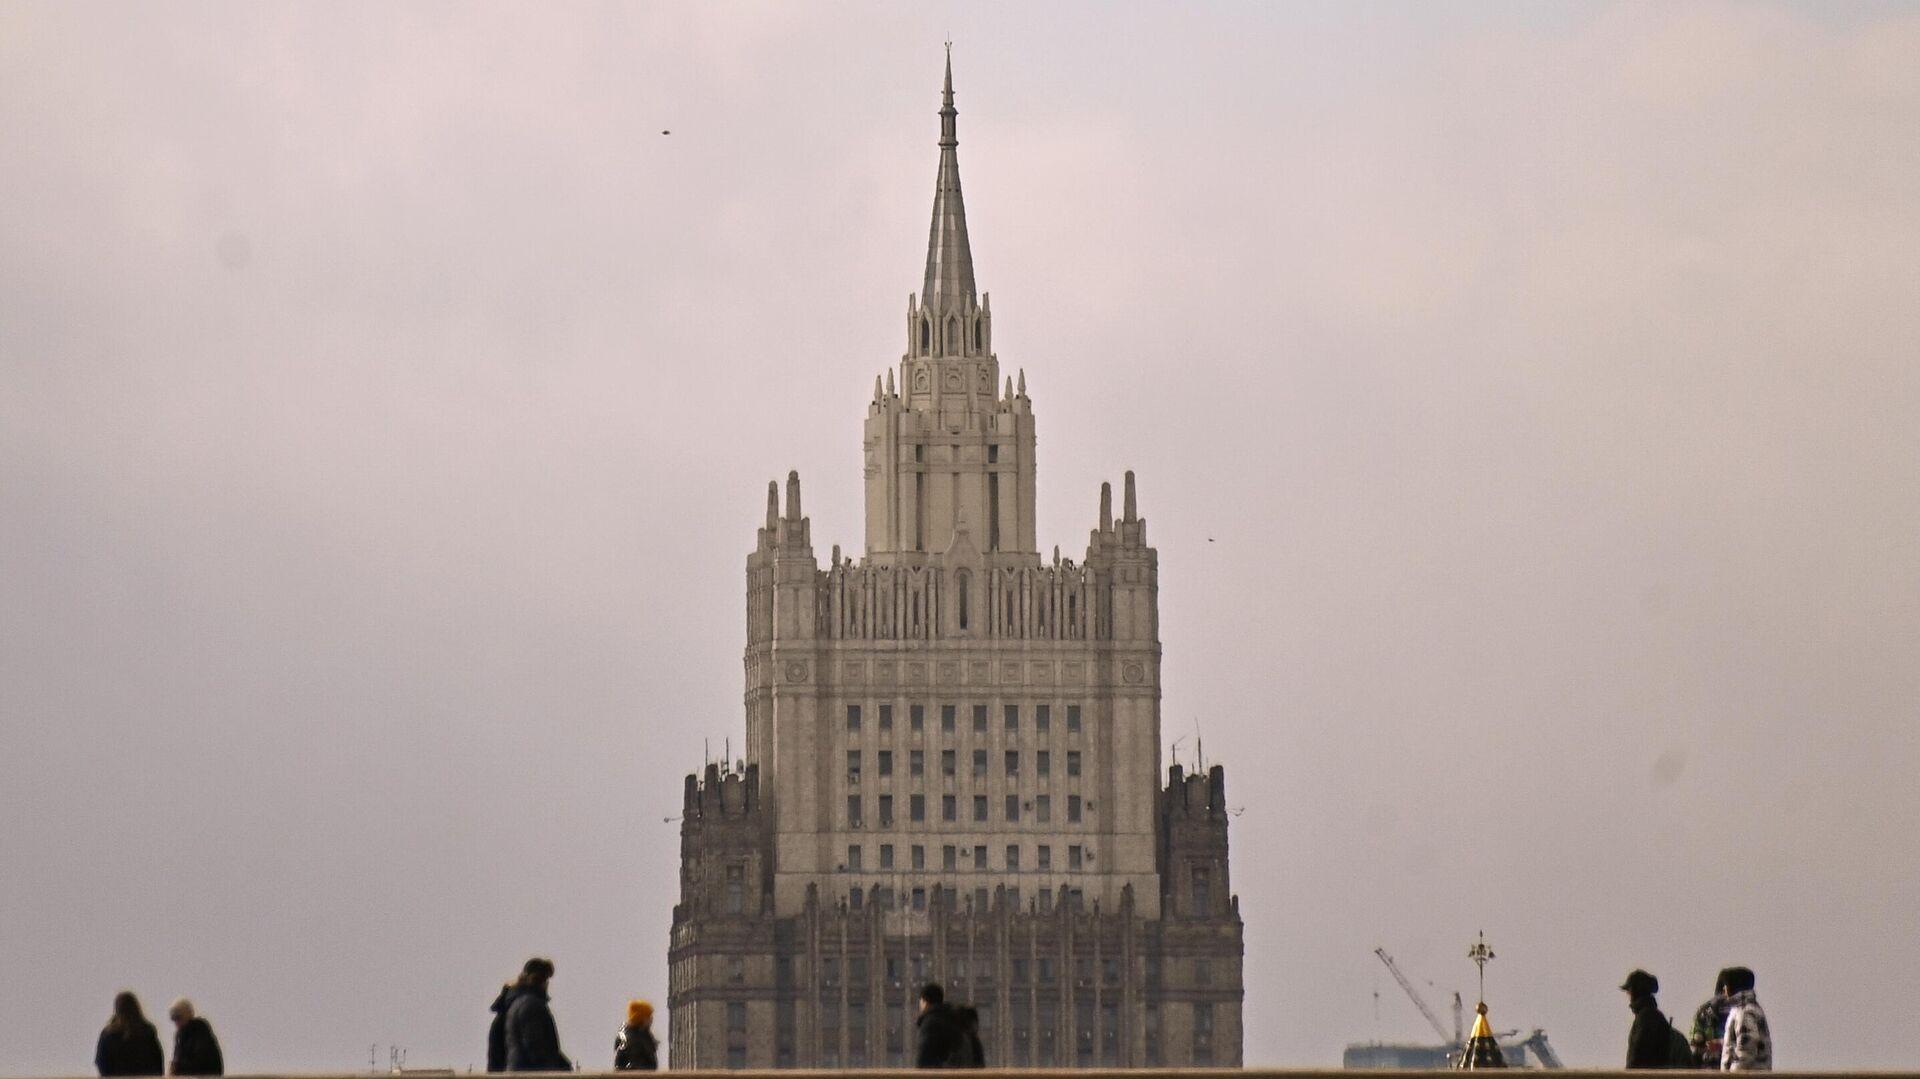 МИД пообещал ответить на сокращение штата российского посольства в Чехии